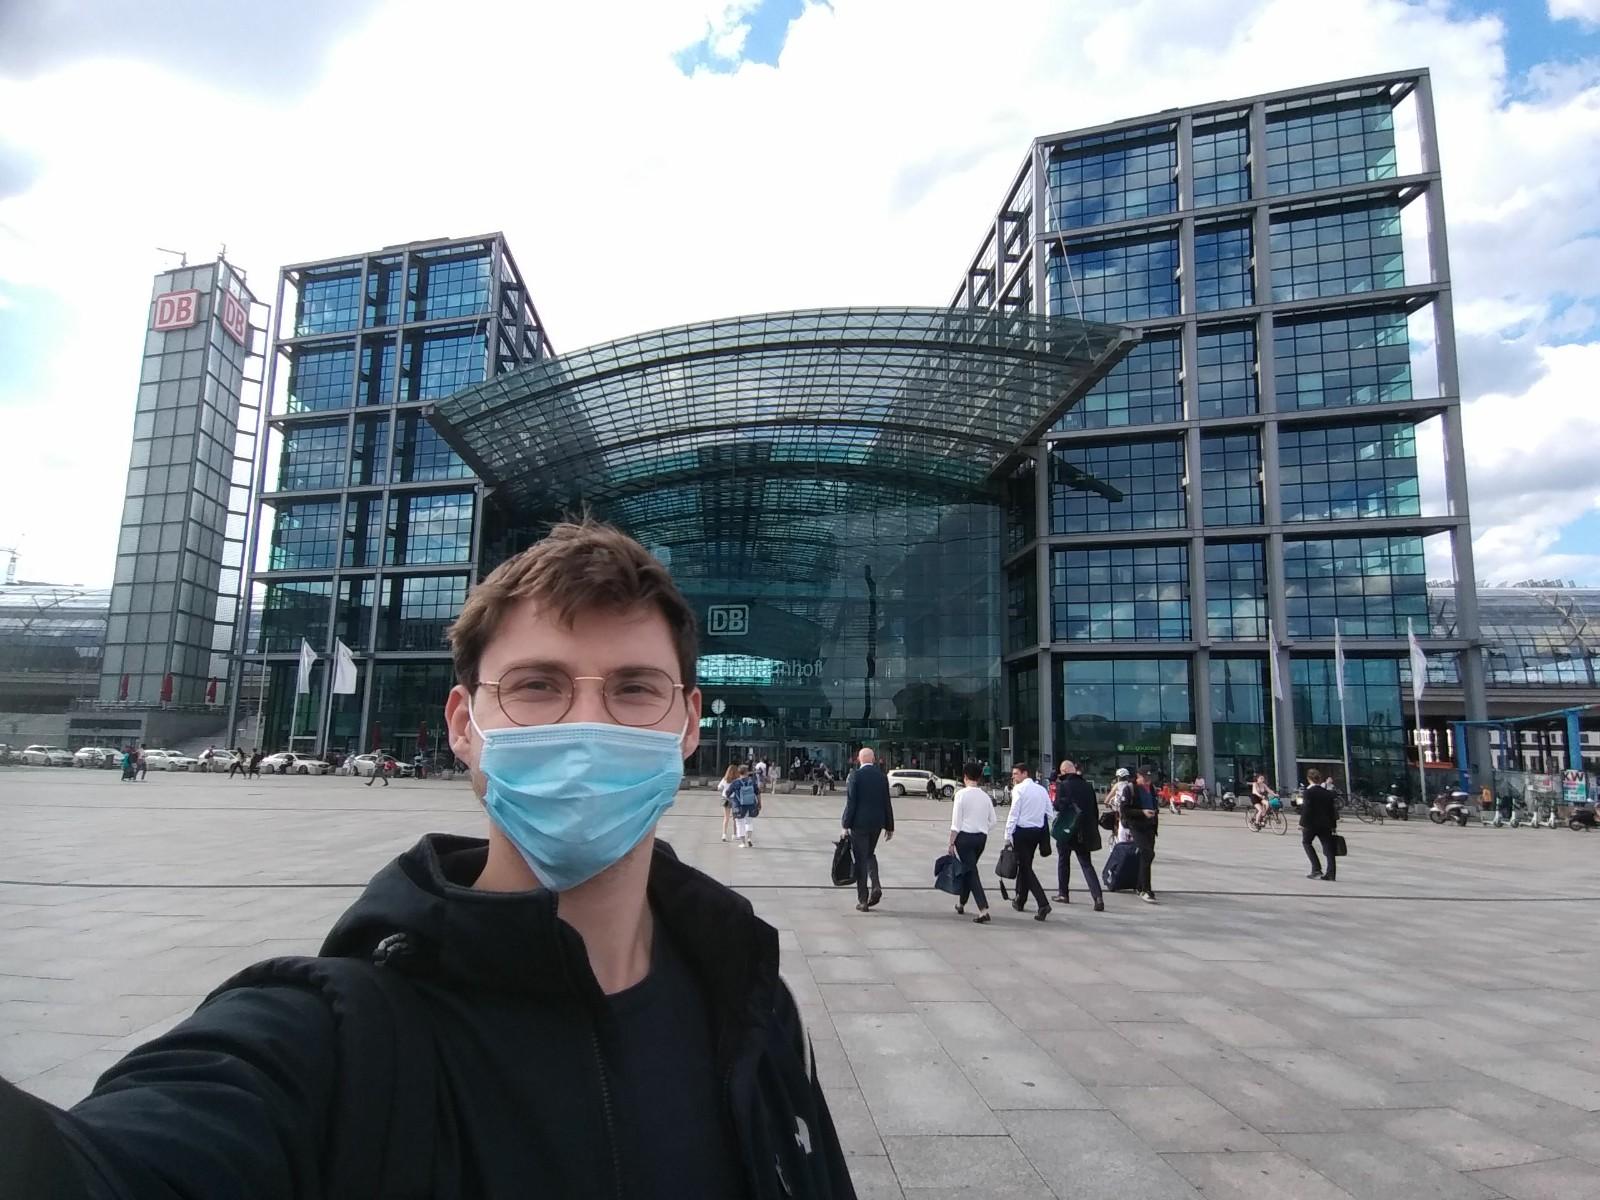 Duitslanddesk Coronavirus In Duitsland